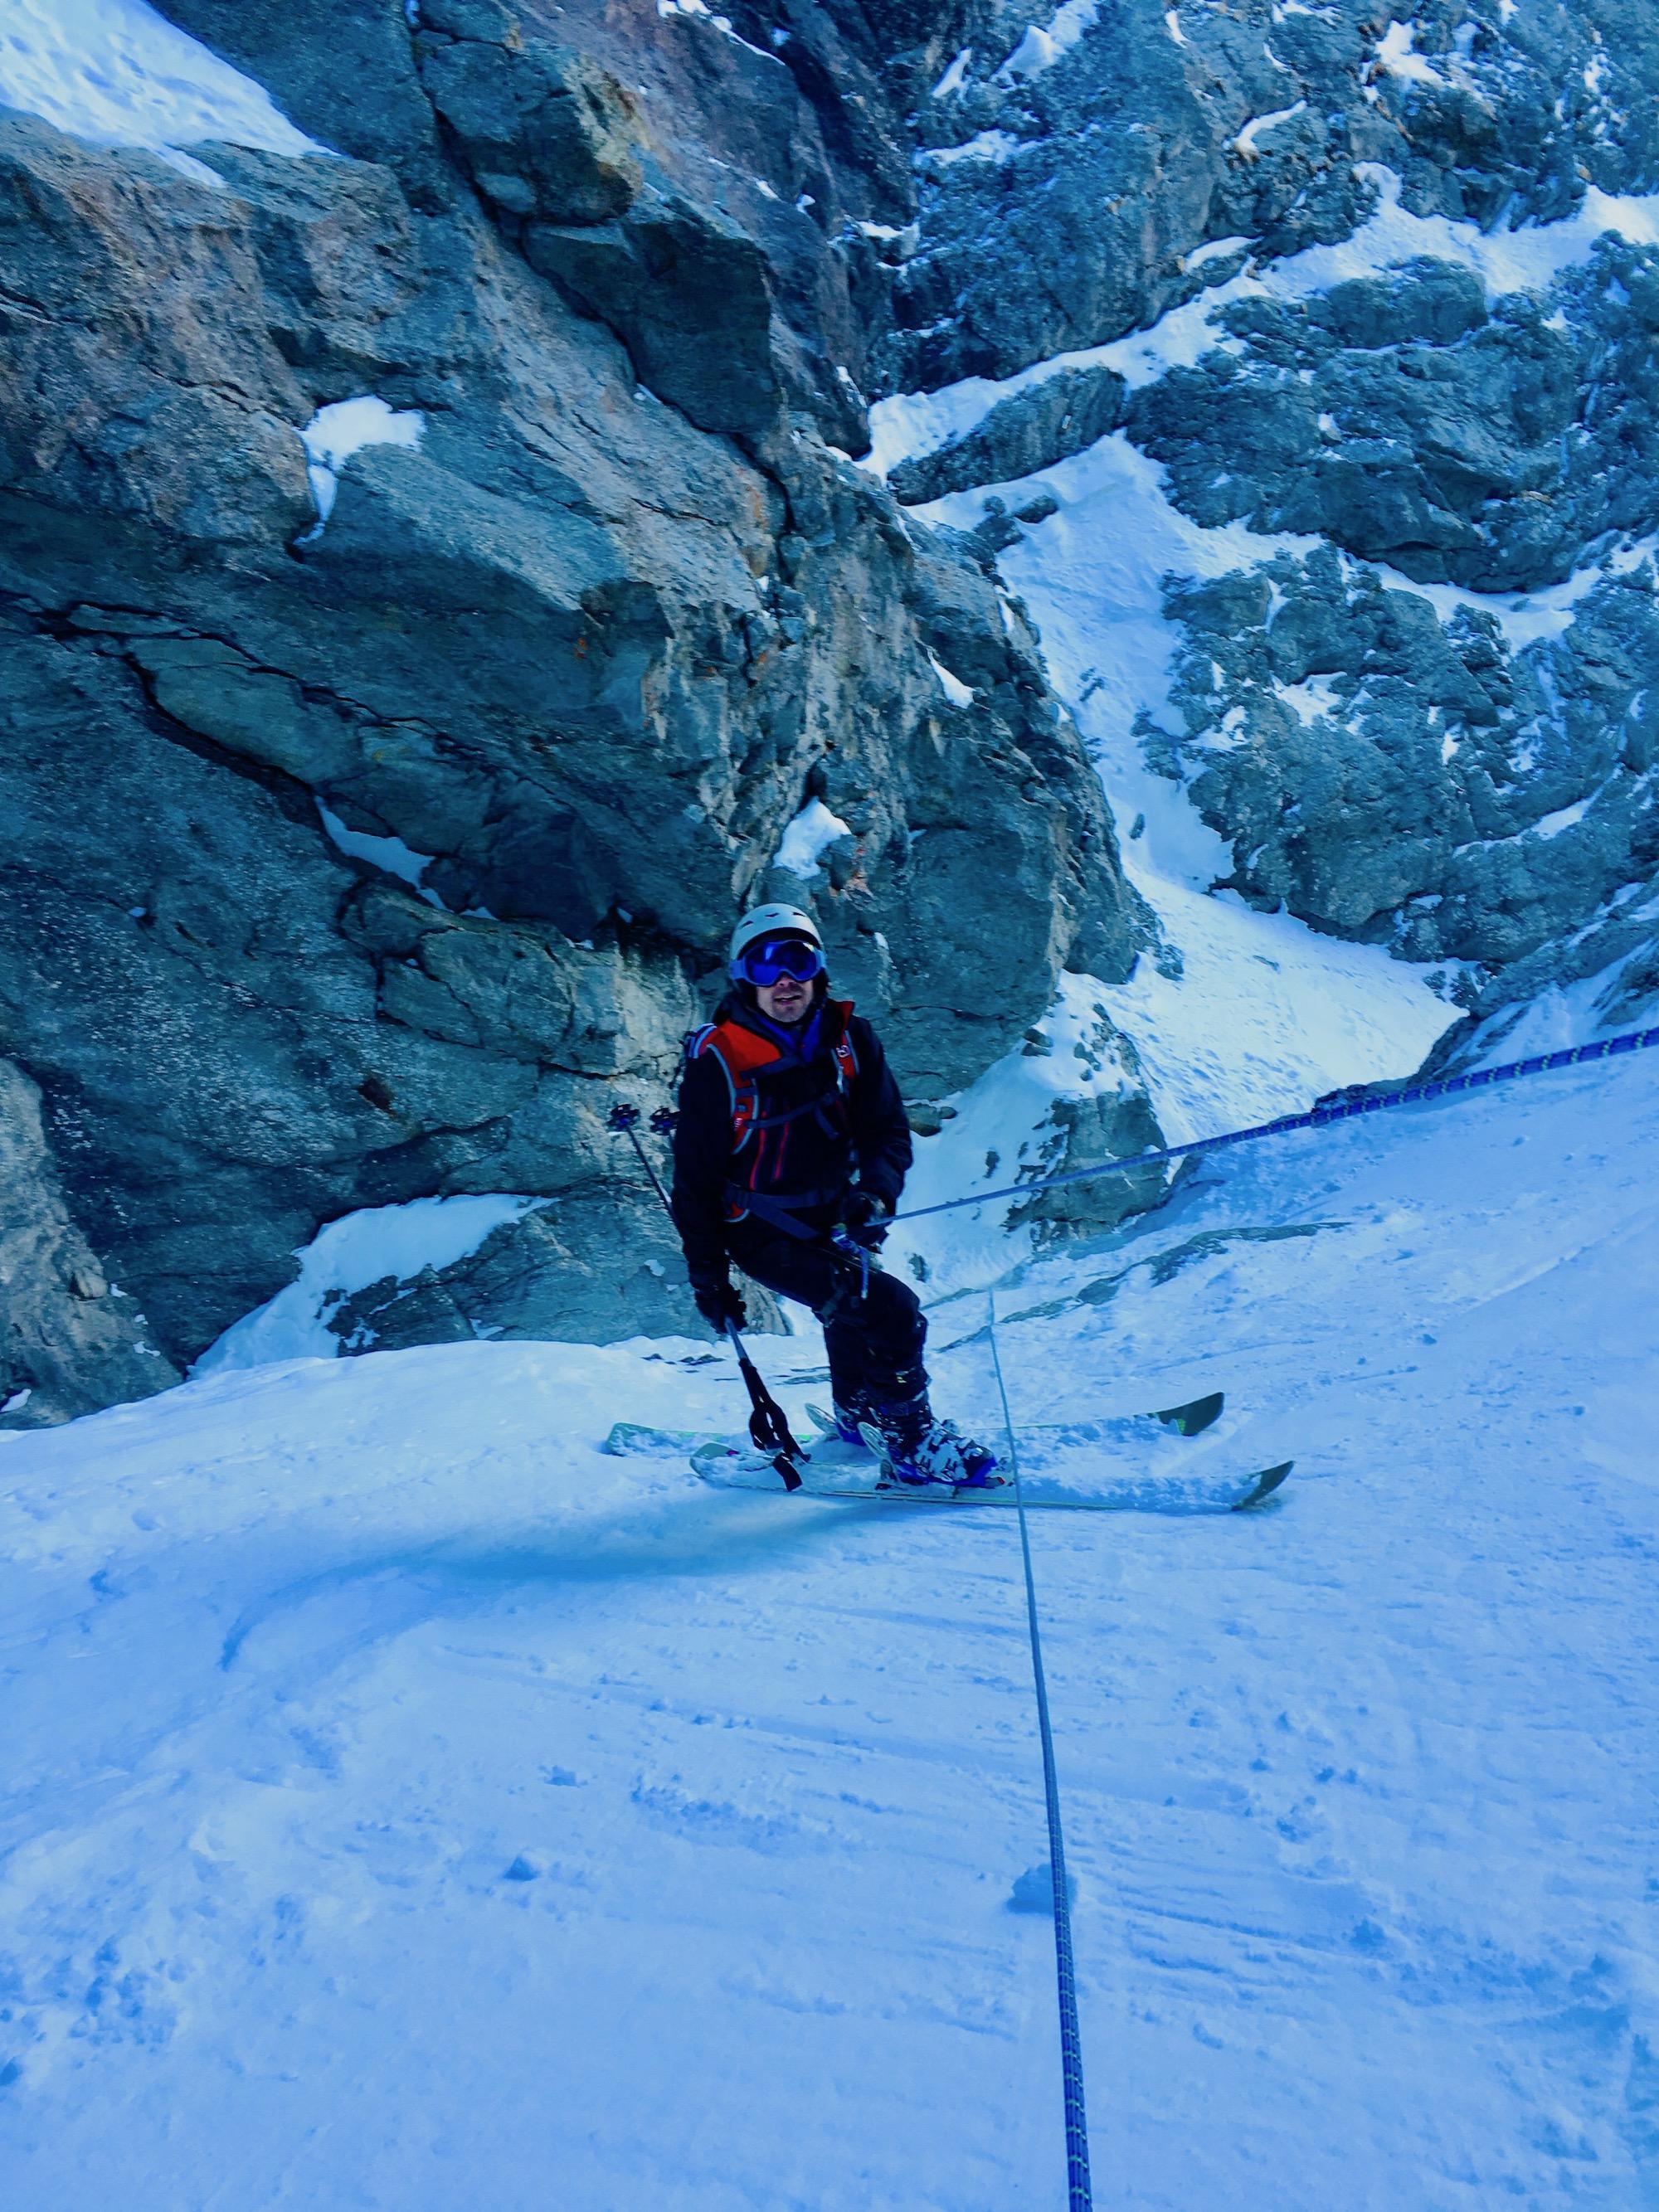 Encordé dans un couloir en ski hors piste, sécurité avant tout avec un guide de haute montagne